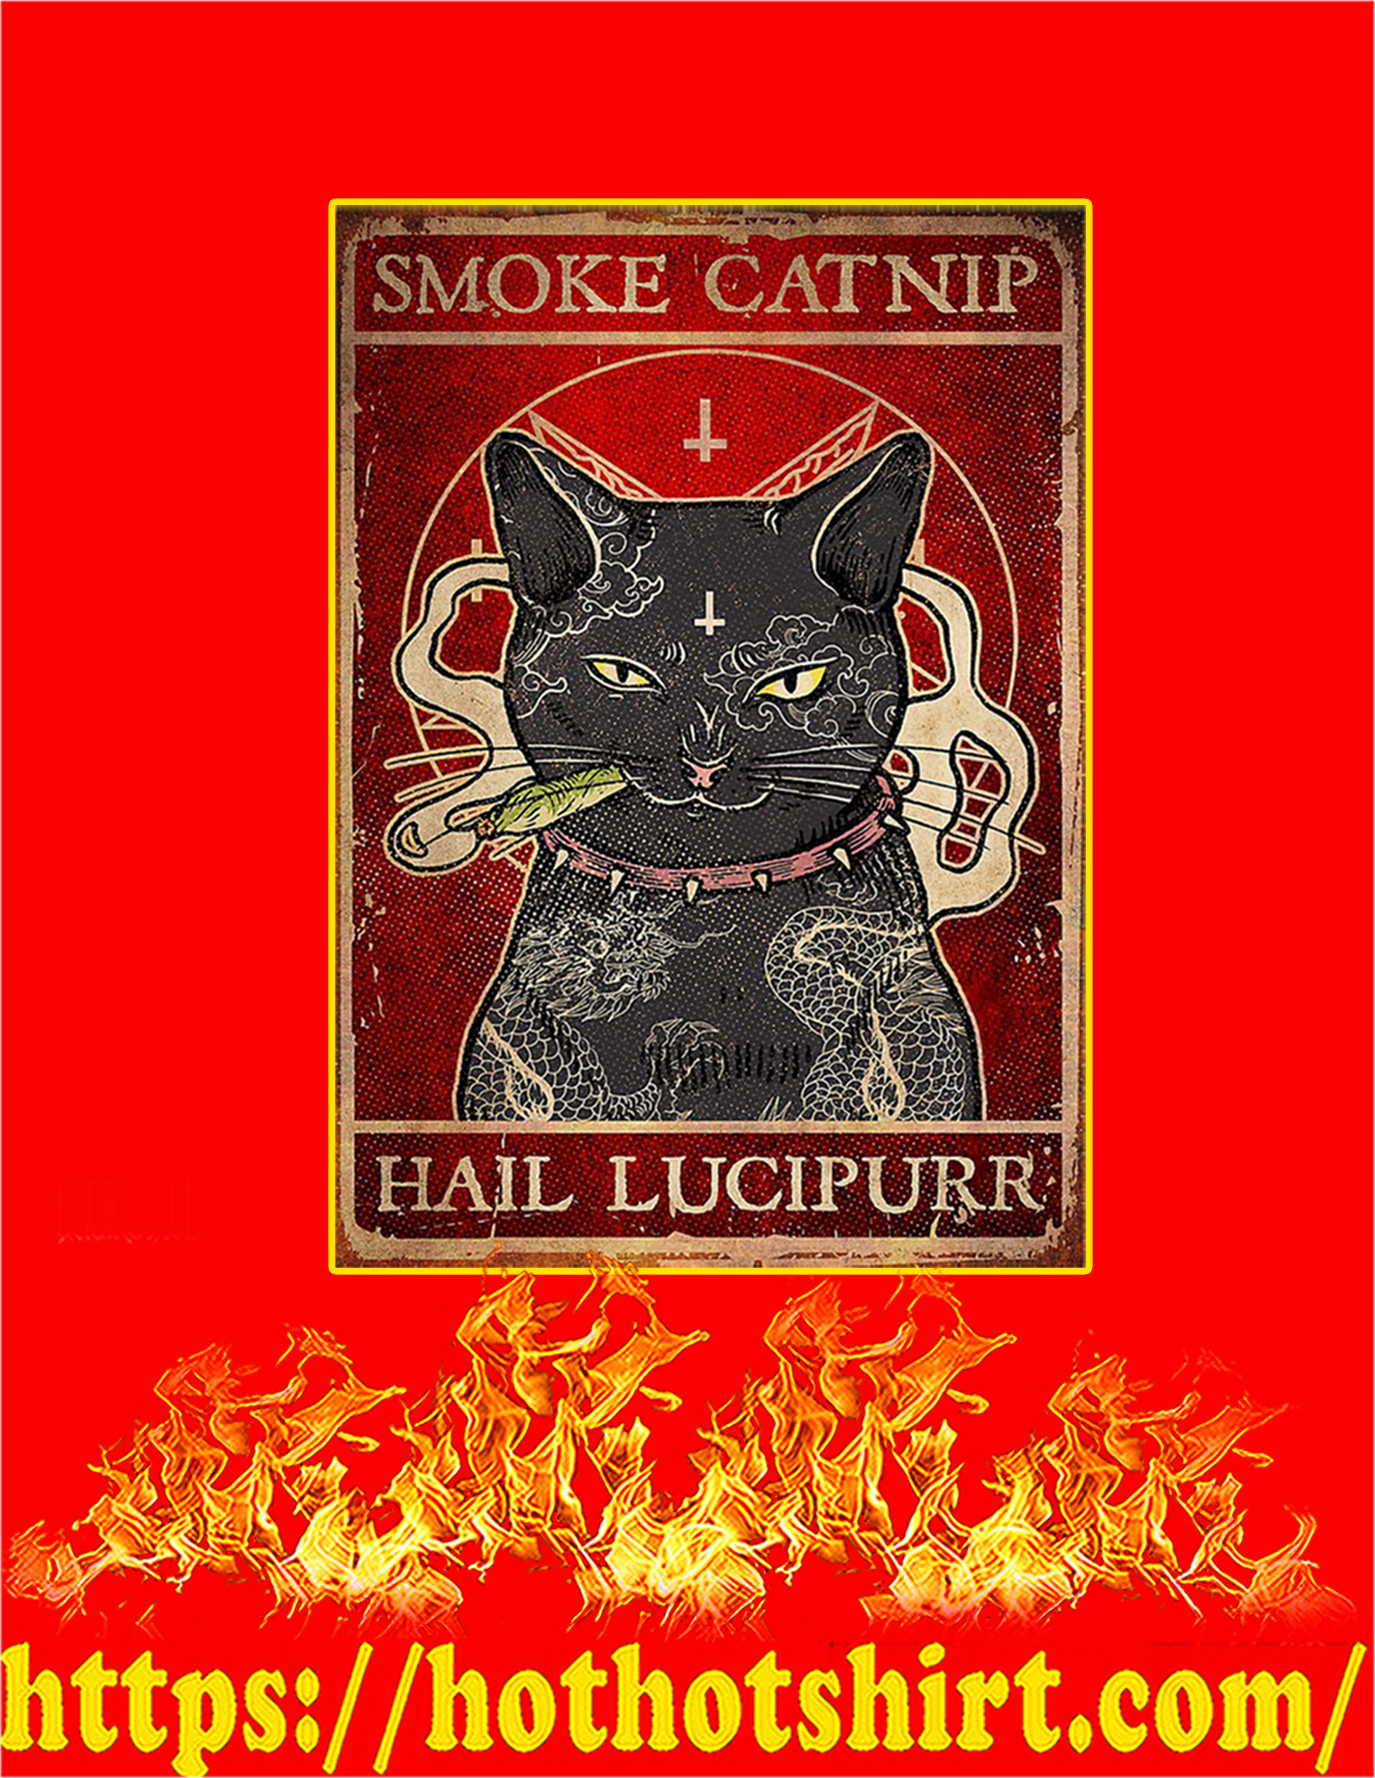 Smoke catnip hail lucipurr cat poster - A4